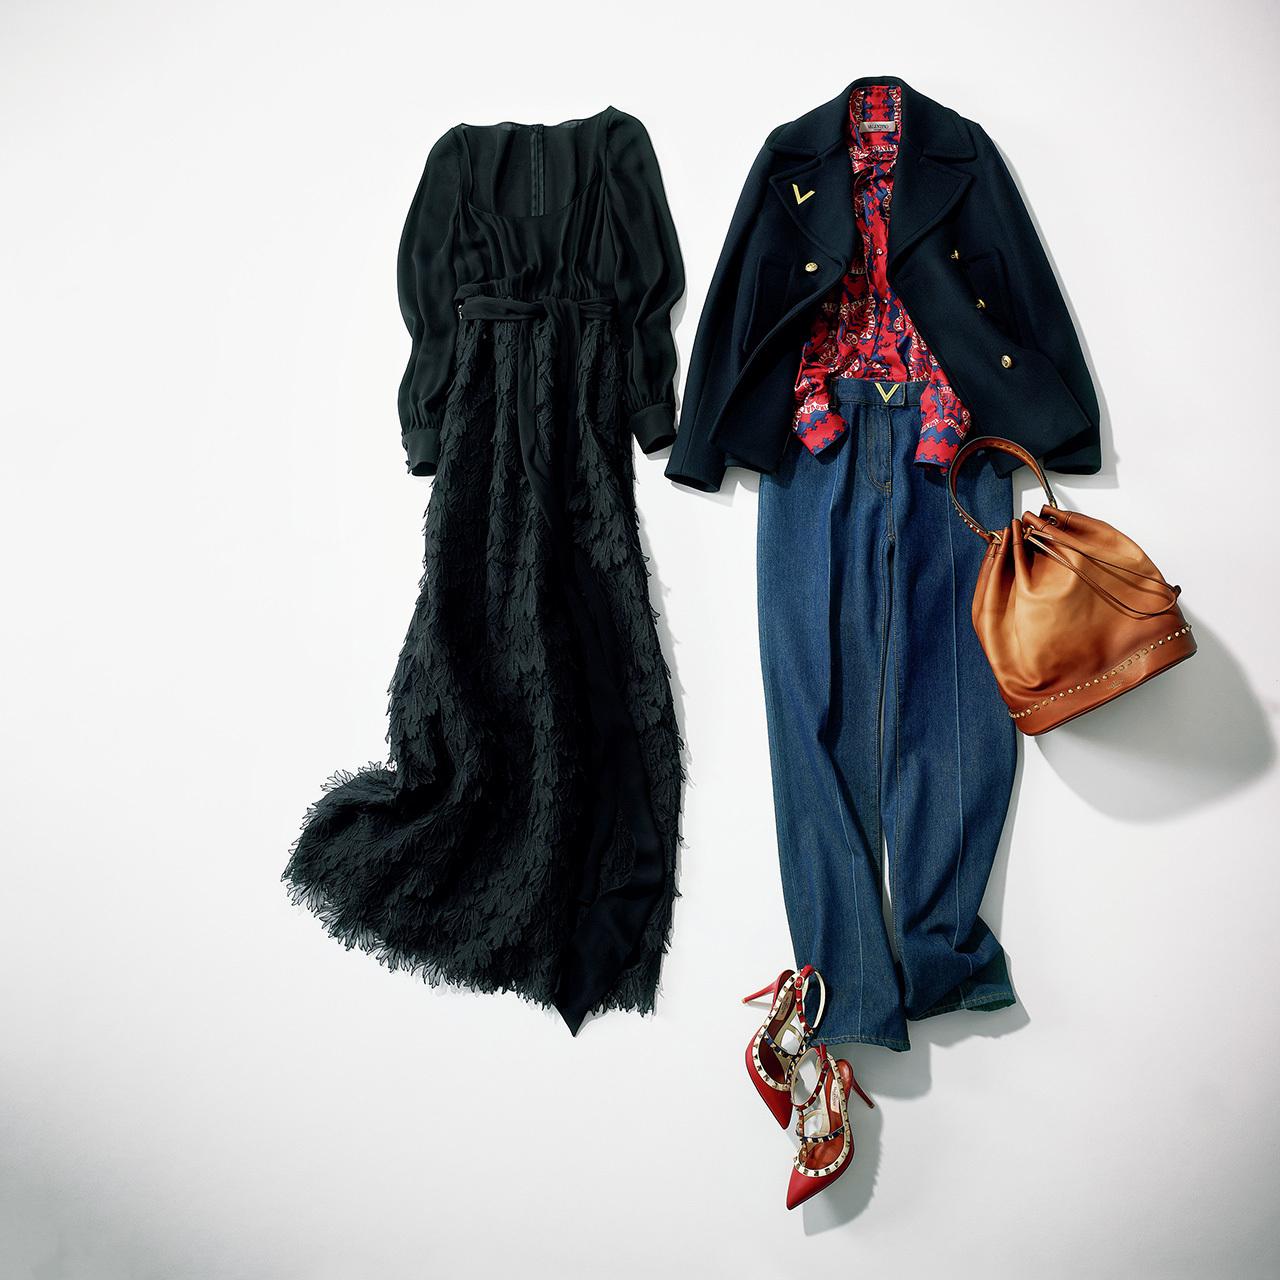 もはや身体の一部!愛が止まらない、「このハイブランドの服」 五選_1_1-4